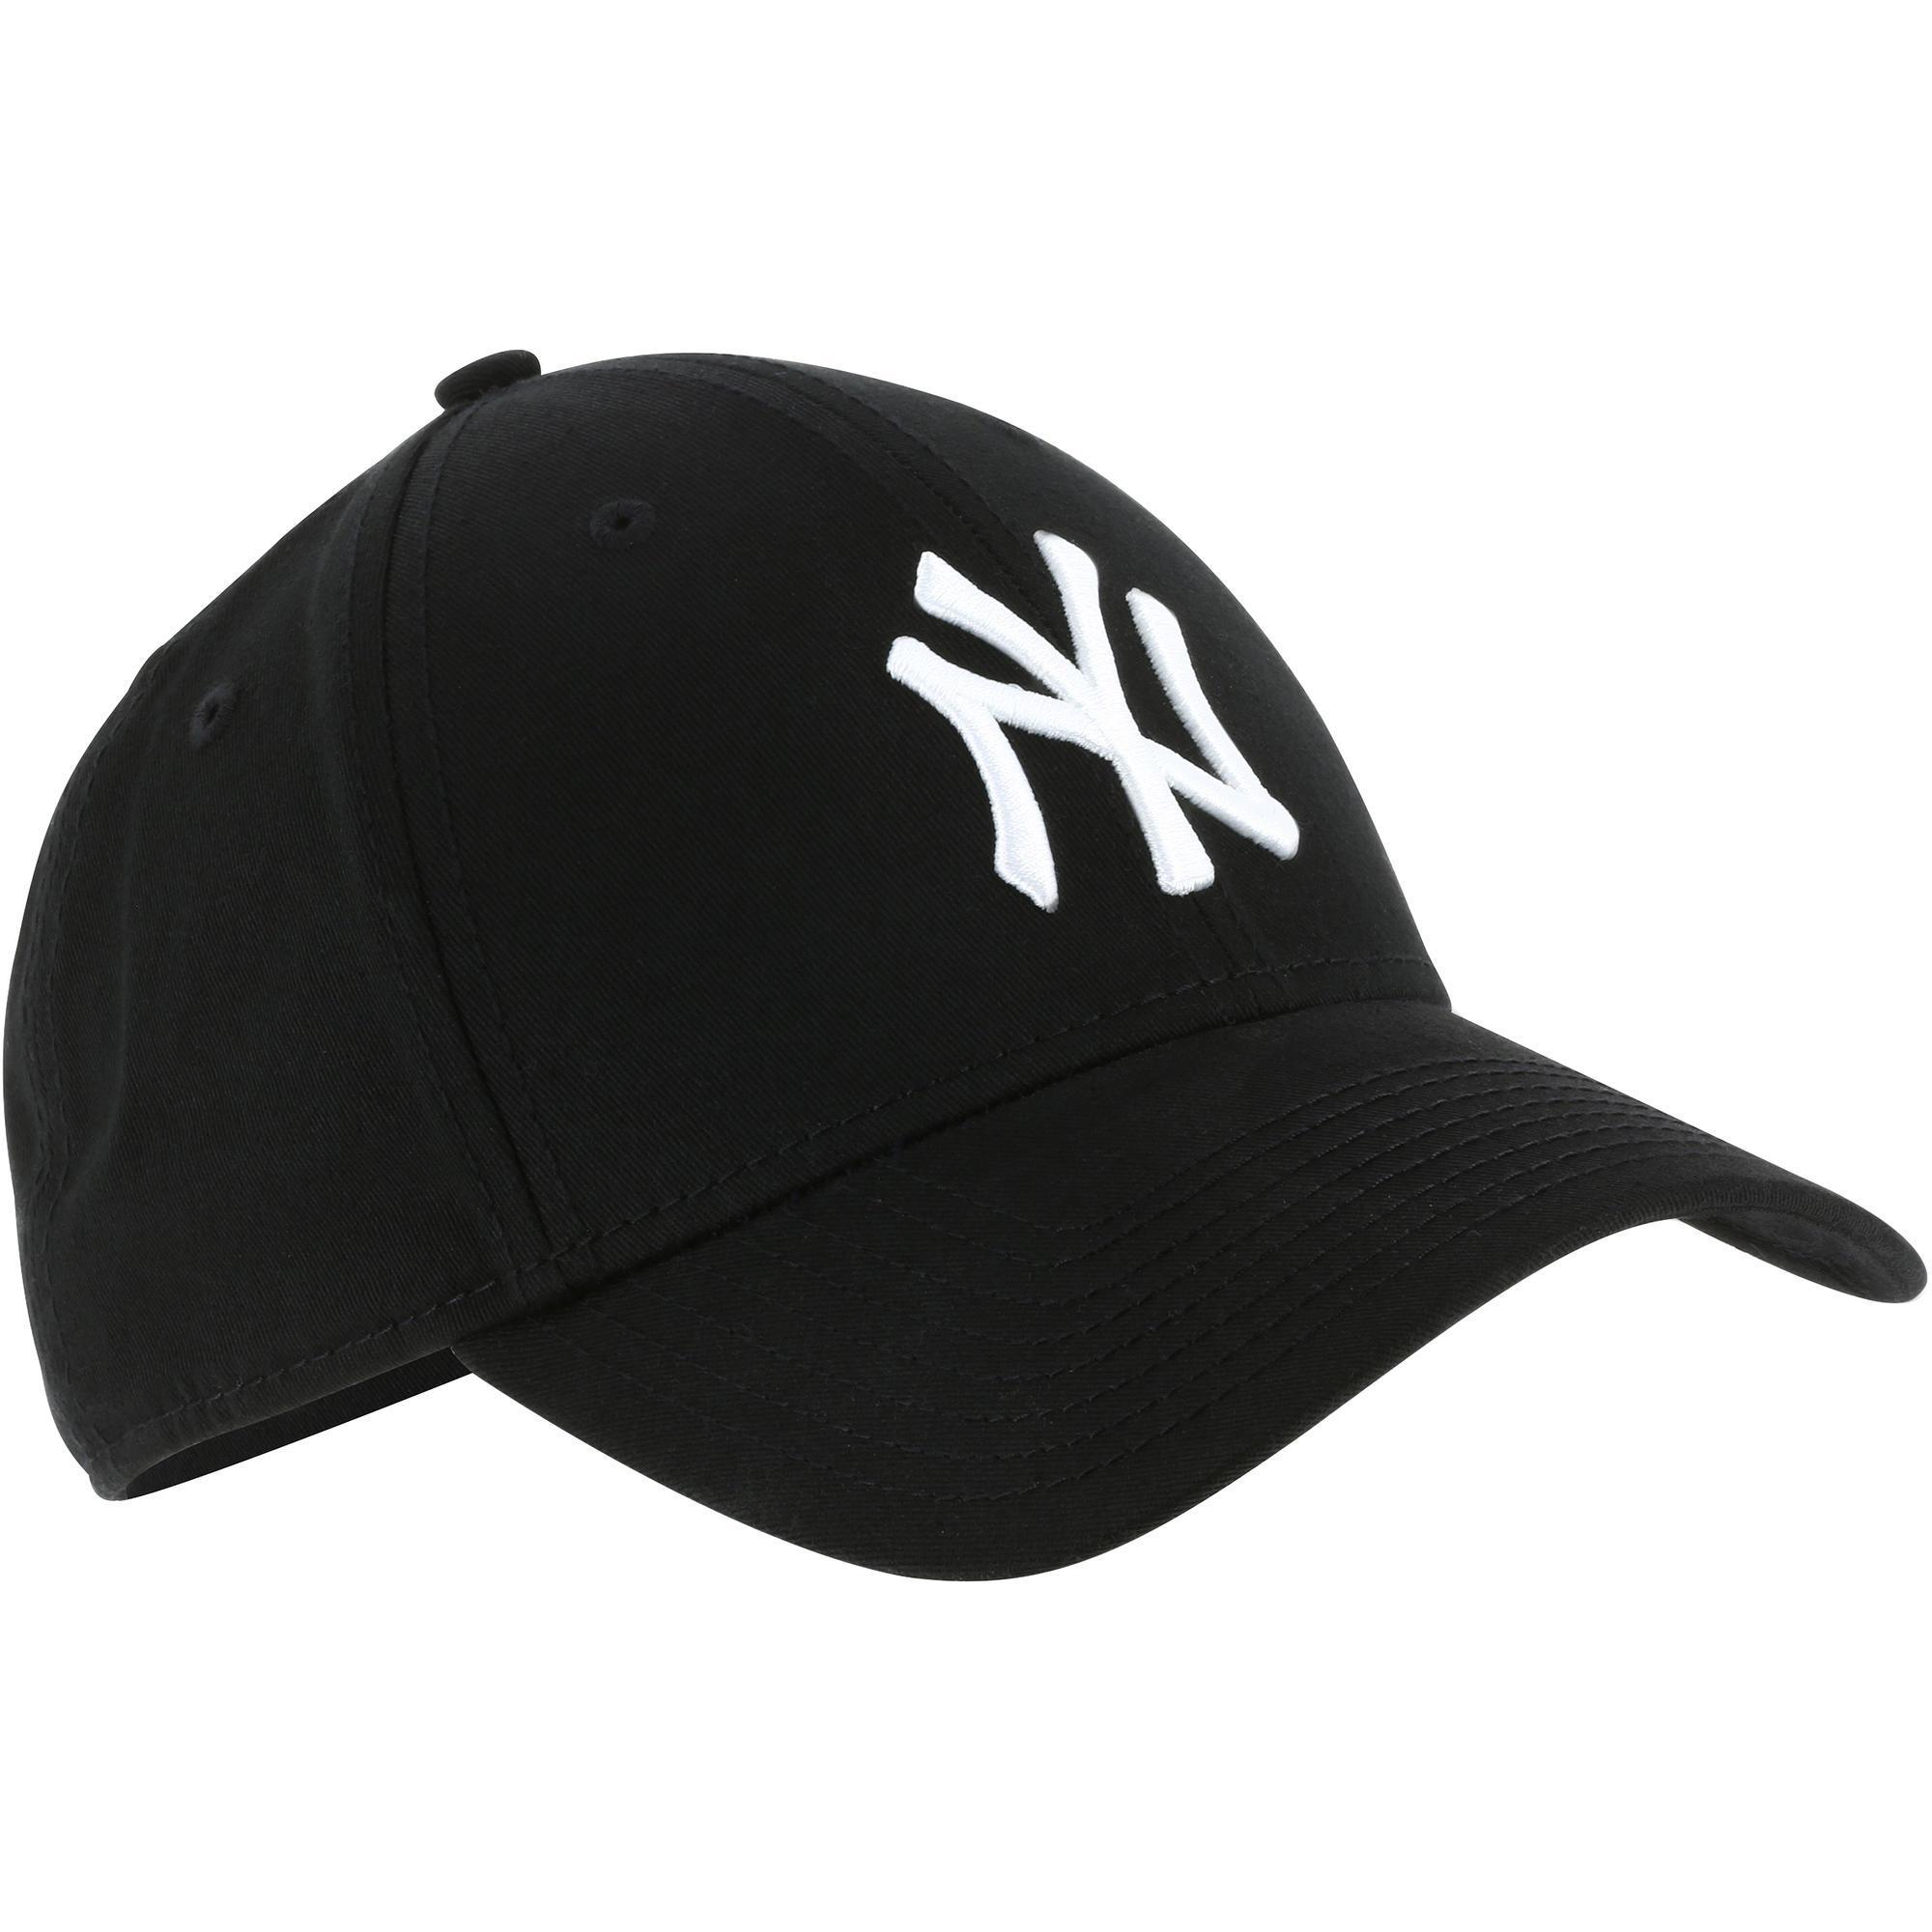 afdbe23673 Gorra Béisbol New York Yankees Adulto Negro Blanco New era | Decathlon